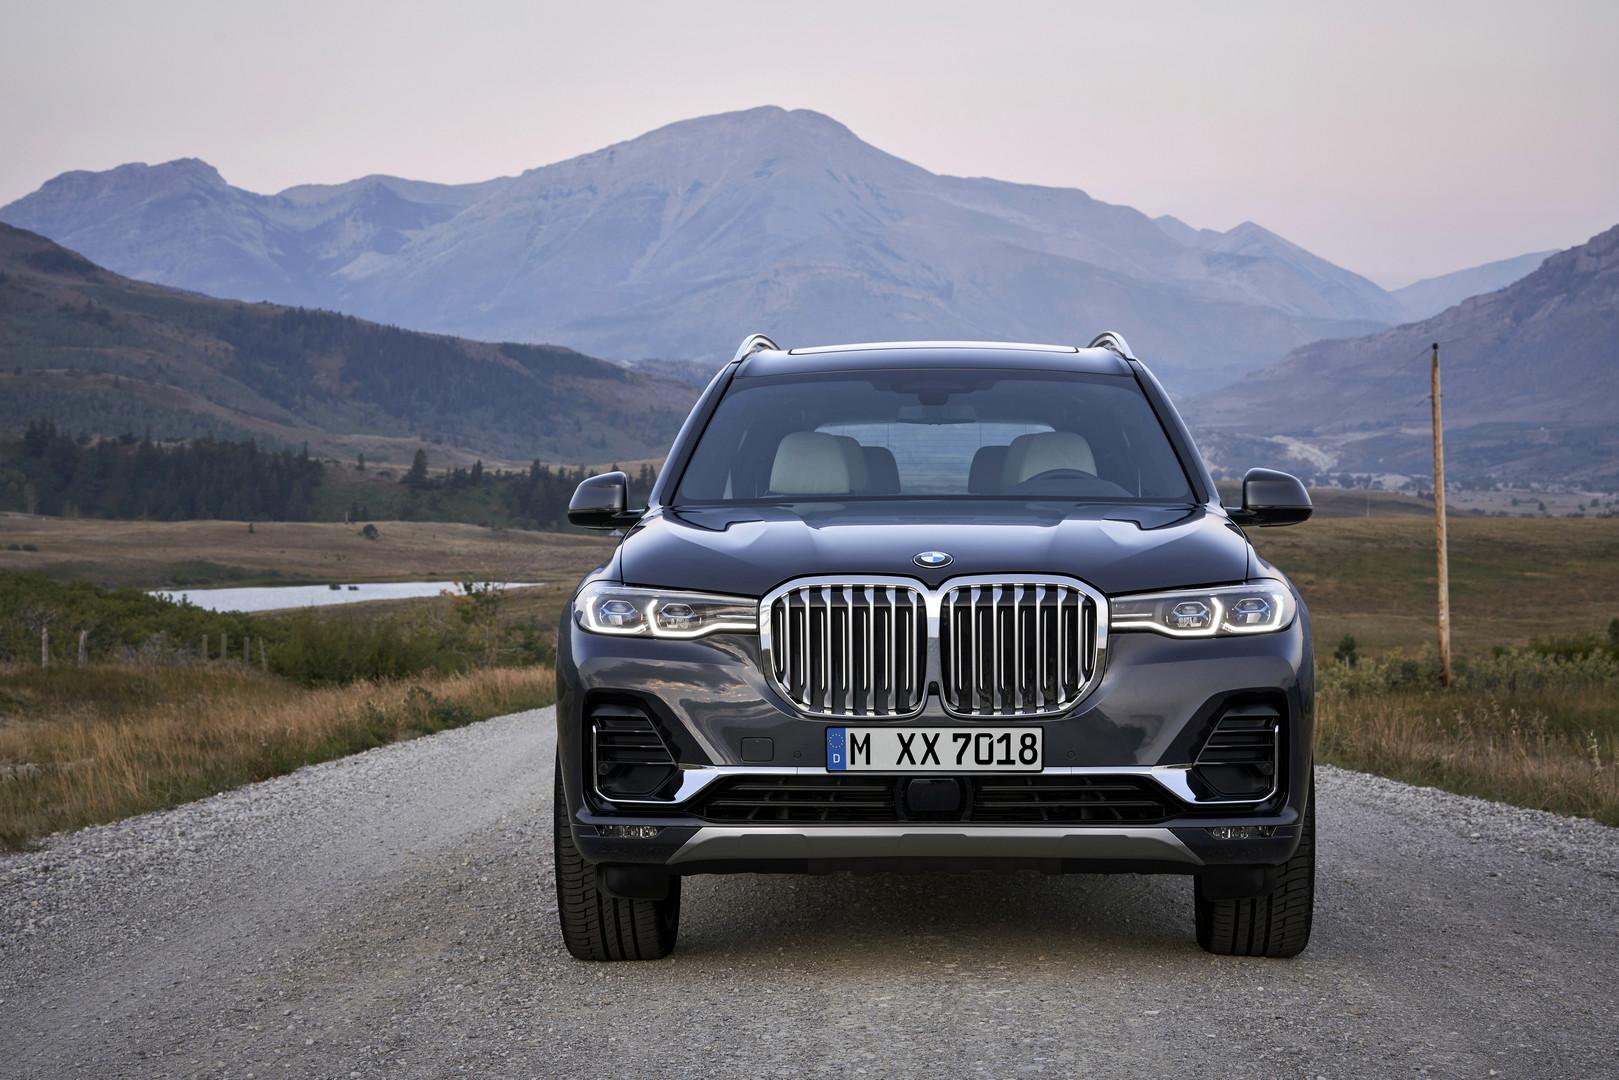 2019 BMW X7 Kidney Grill